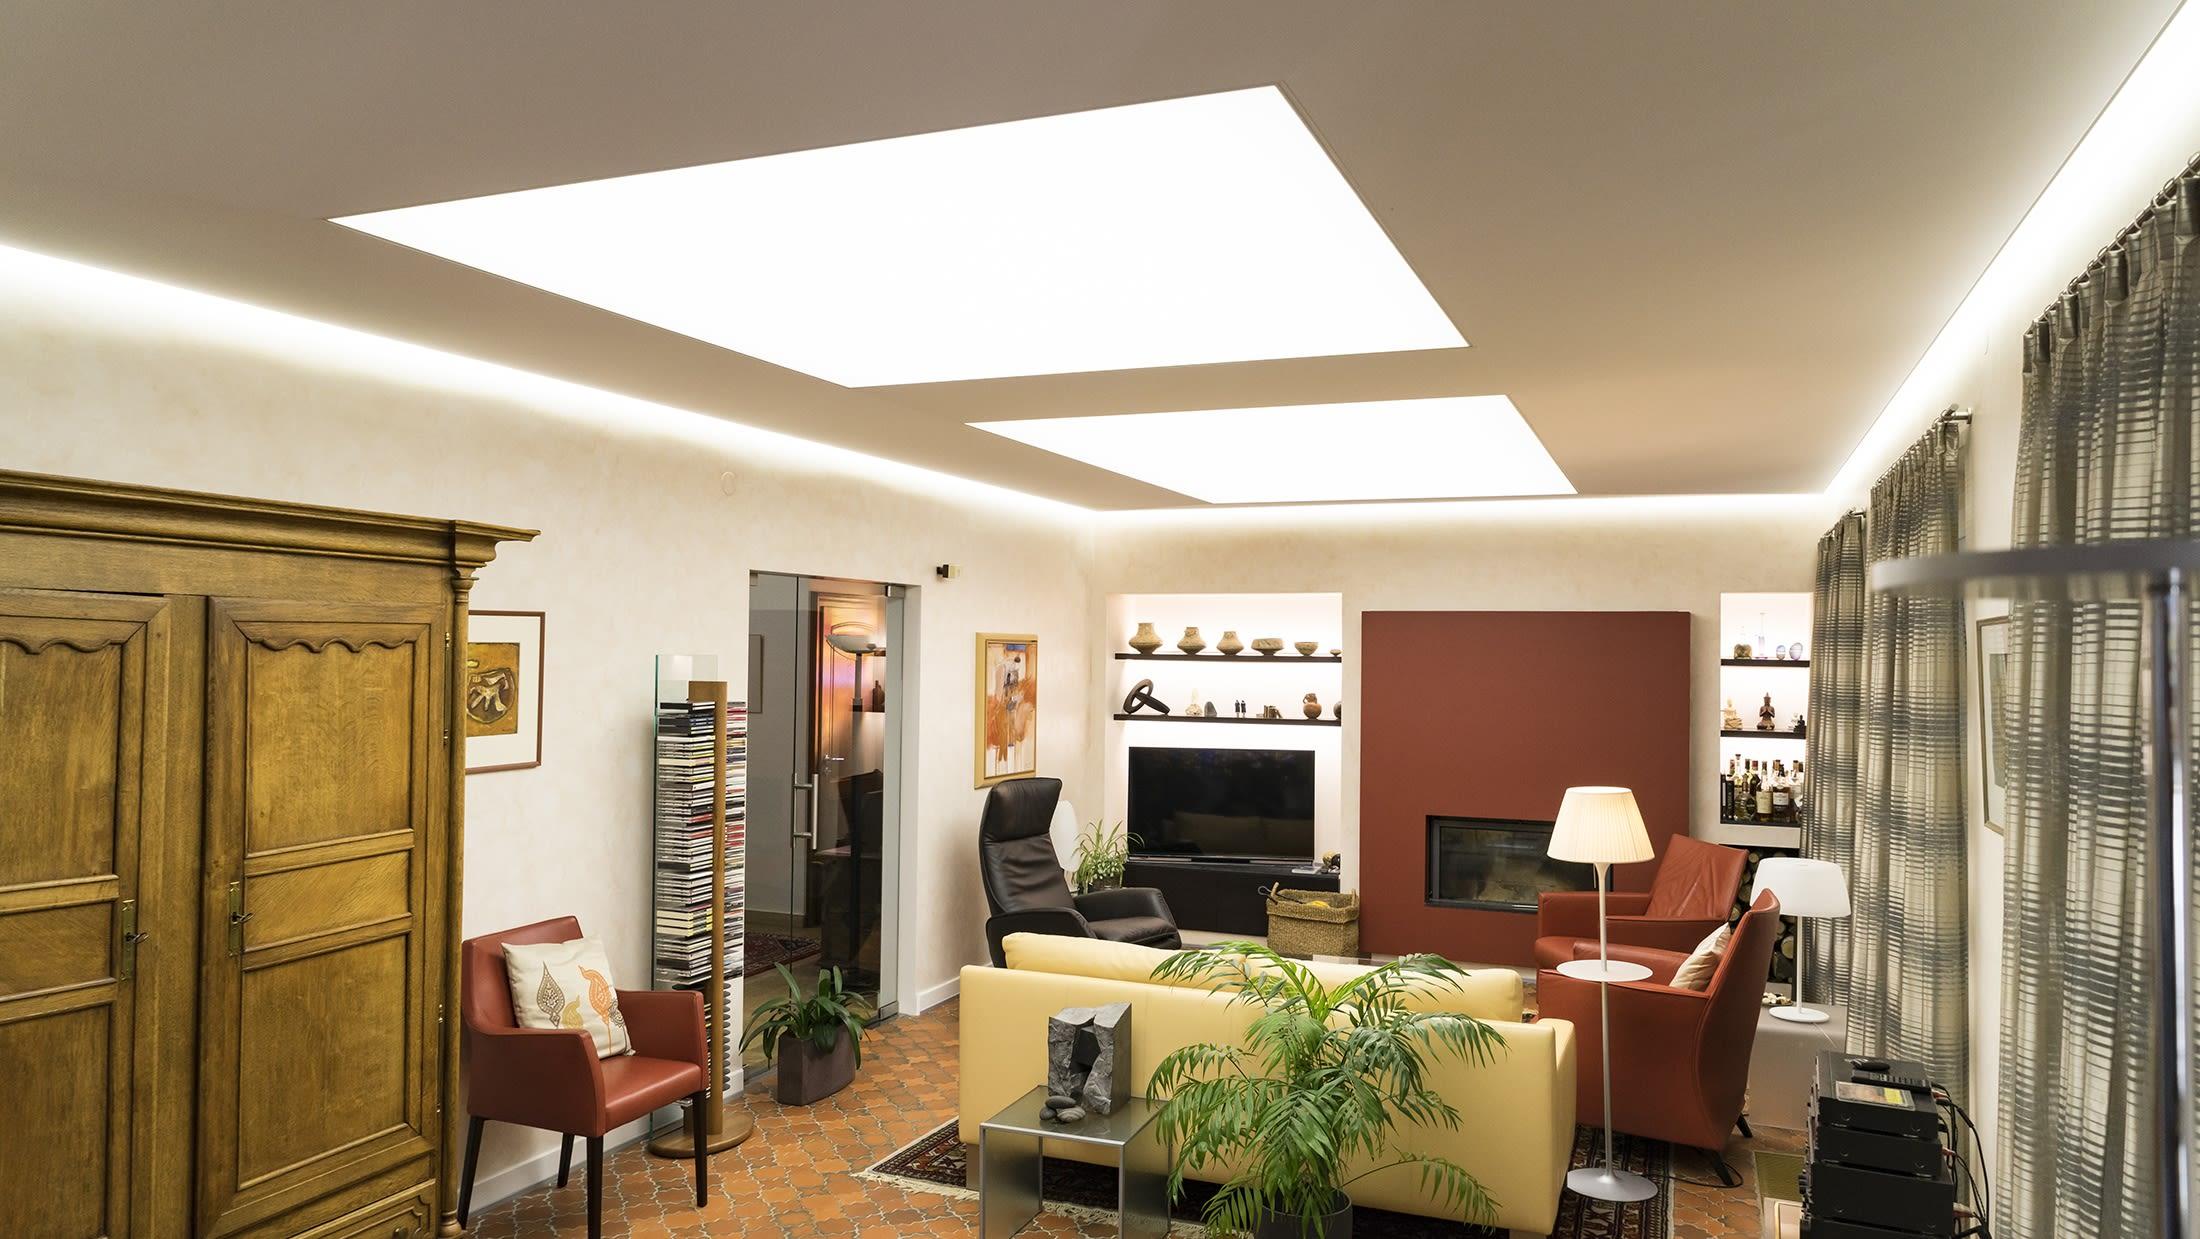 Wohnzimmer mit hellen Spanndecken Beleuchtungskonzept